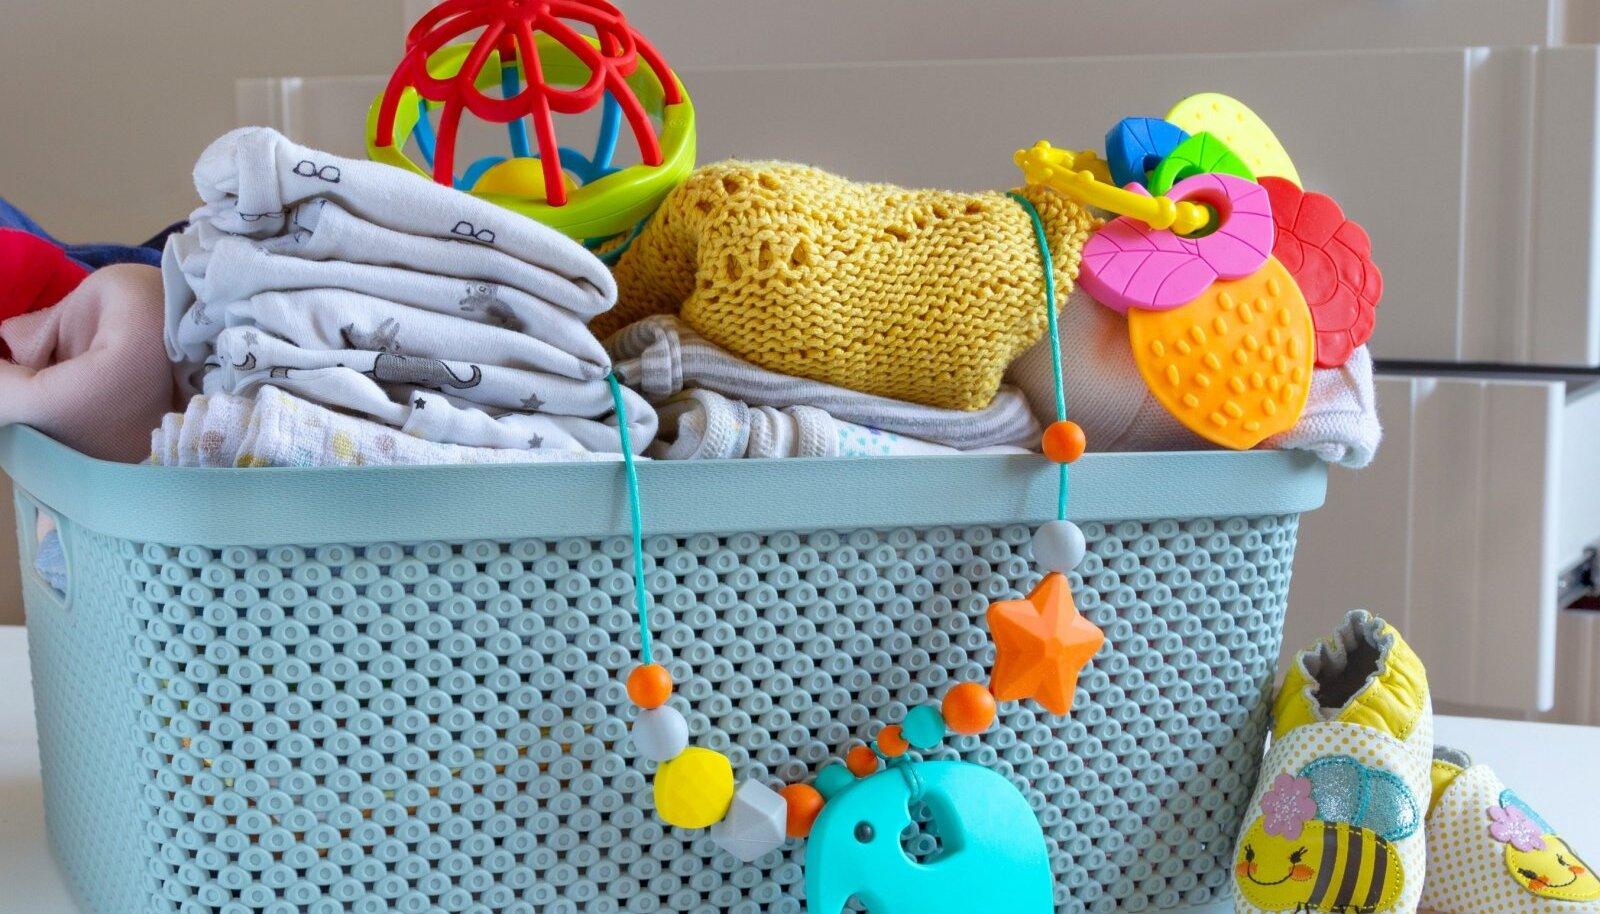 Califoriia osariigi kaubamajade sooneutraalsetes lasteosakondades võib kolme aasta pärast müüa näiteks selliseid kõrinaid või või muid lelusid, riietust aga esialgu seal müüma ei pea.